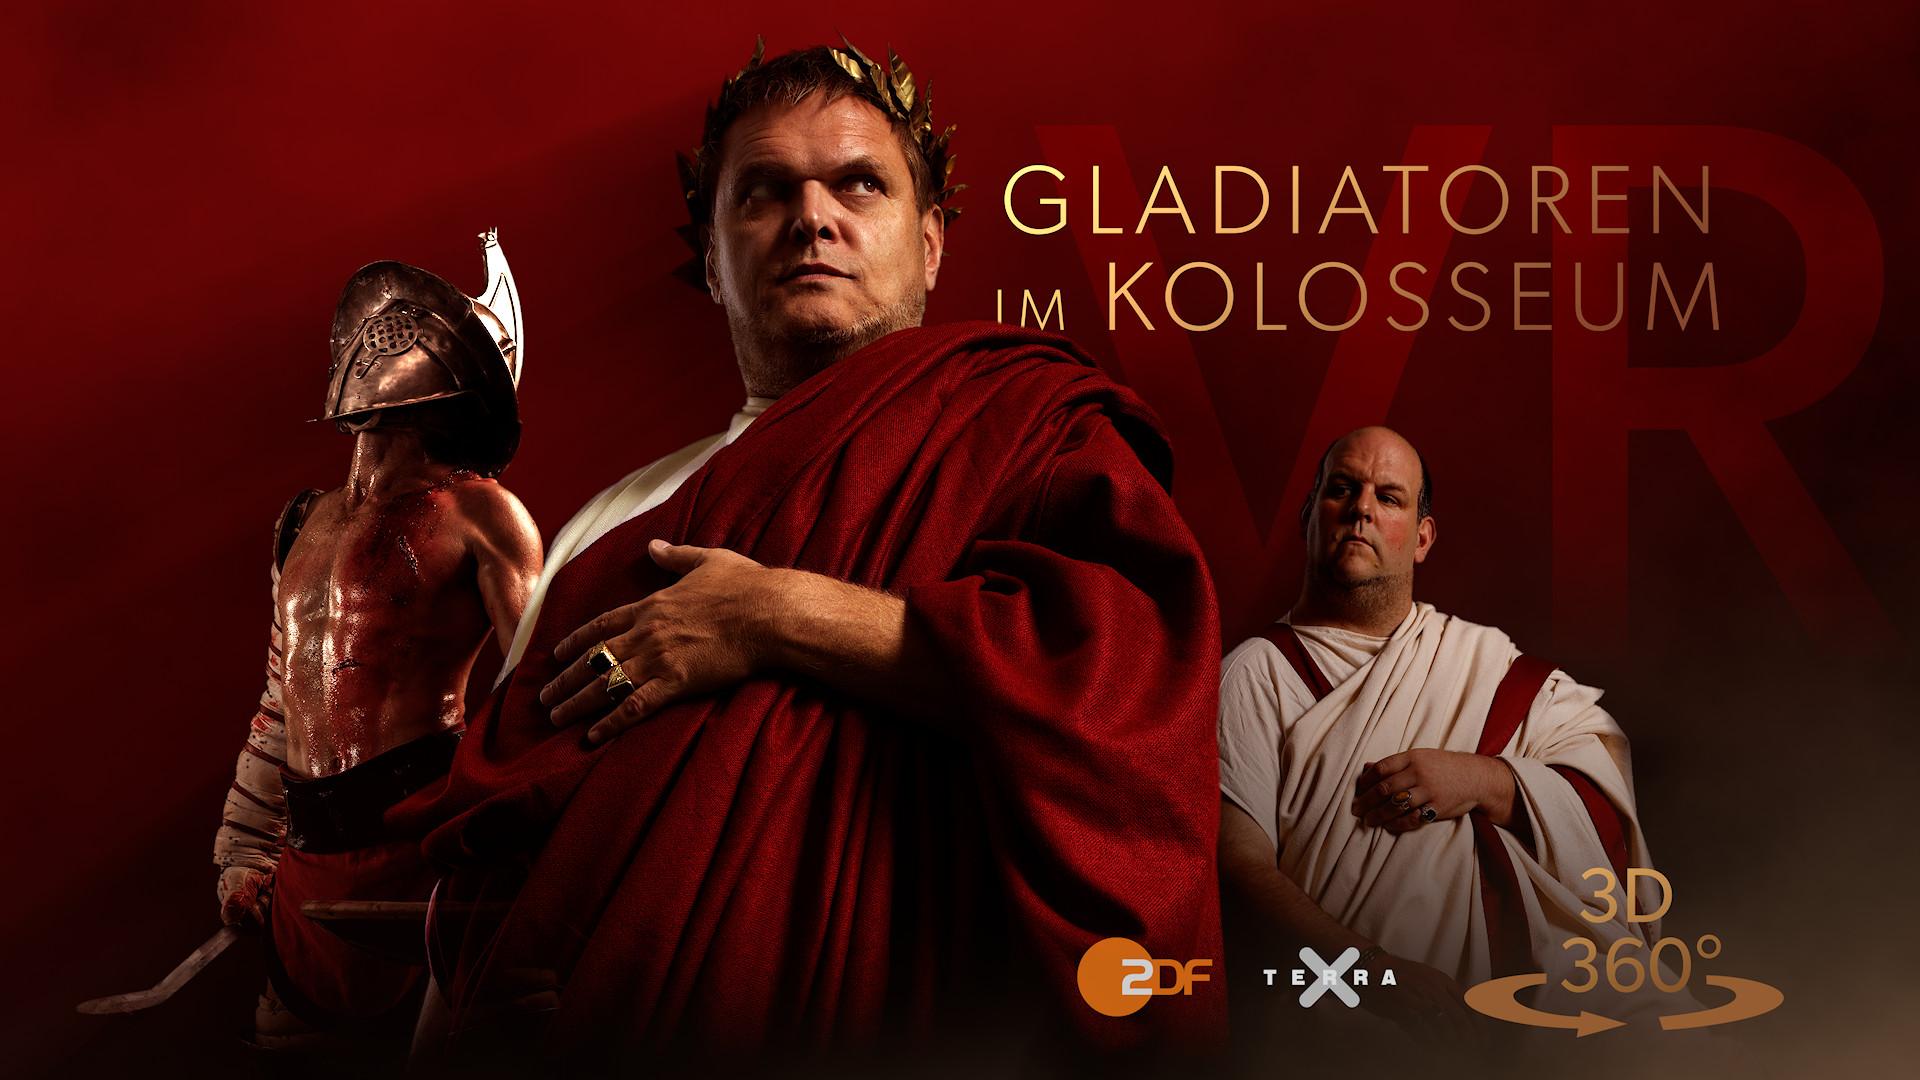 gladiator spiele für ps3